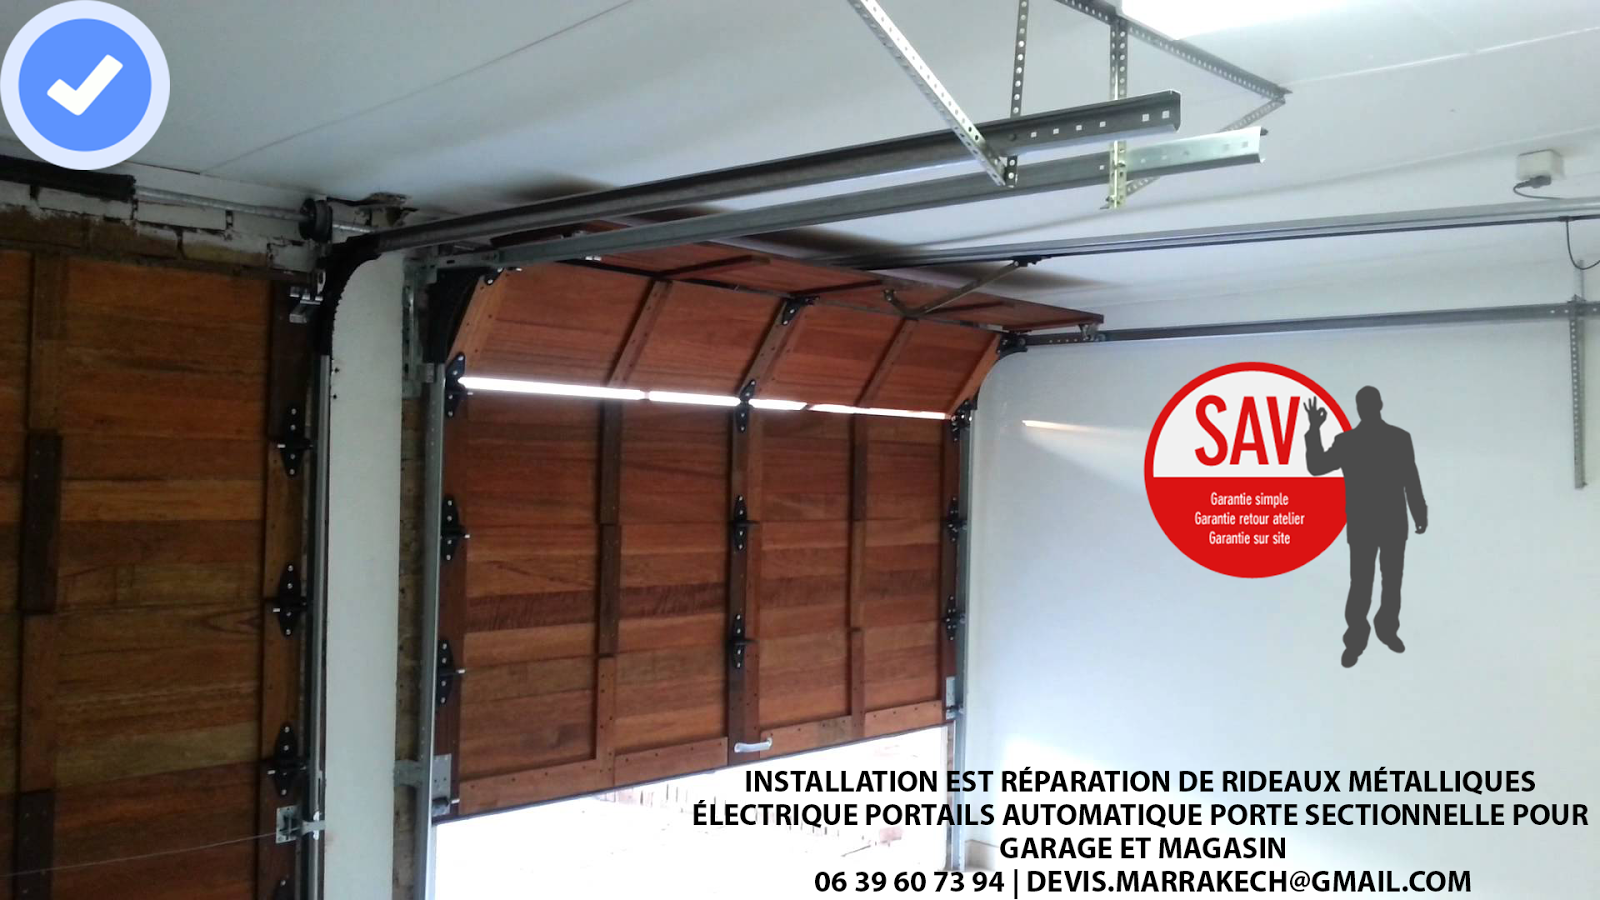 Installation est r paration de rideaux m talliques for Installation porte de garage nice